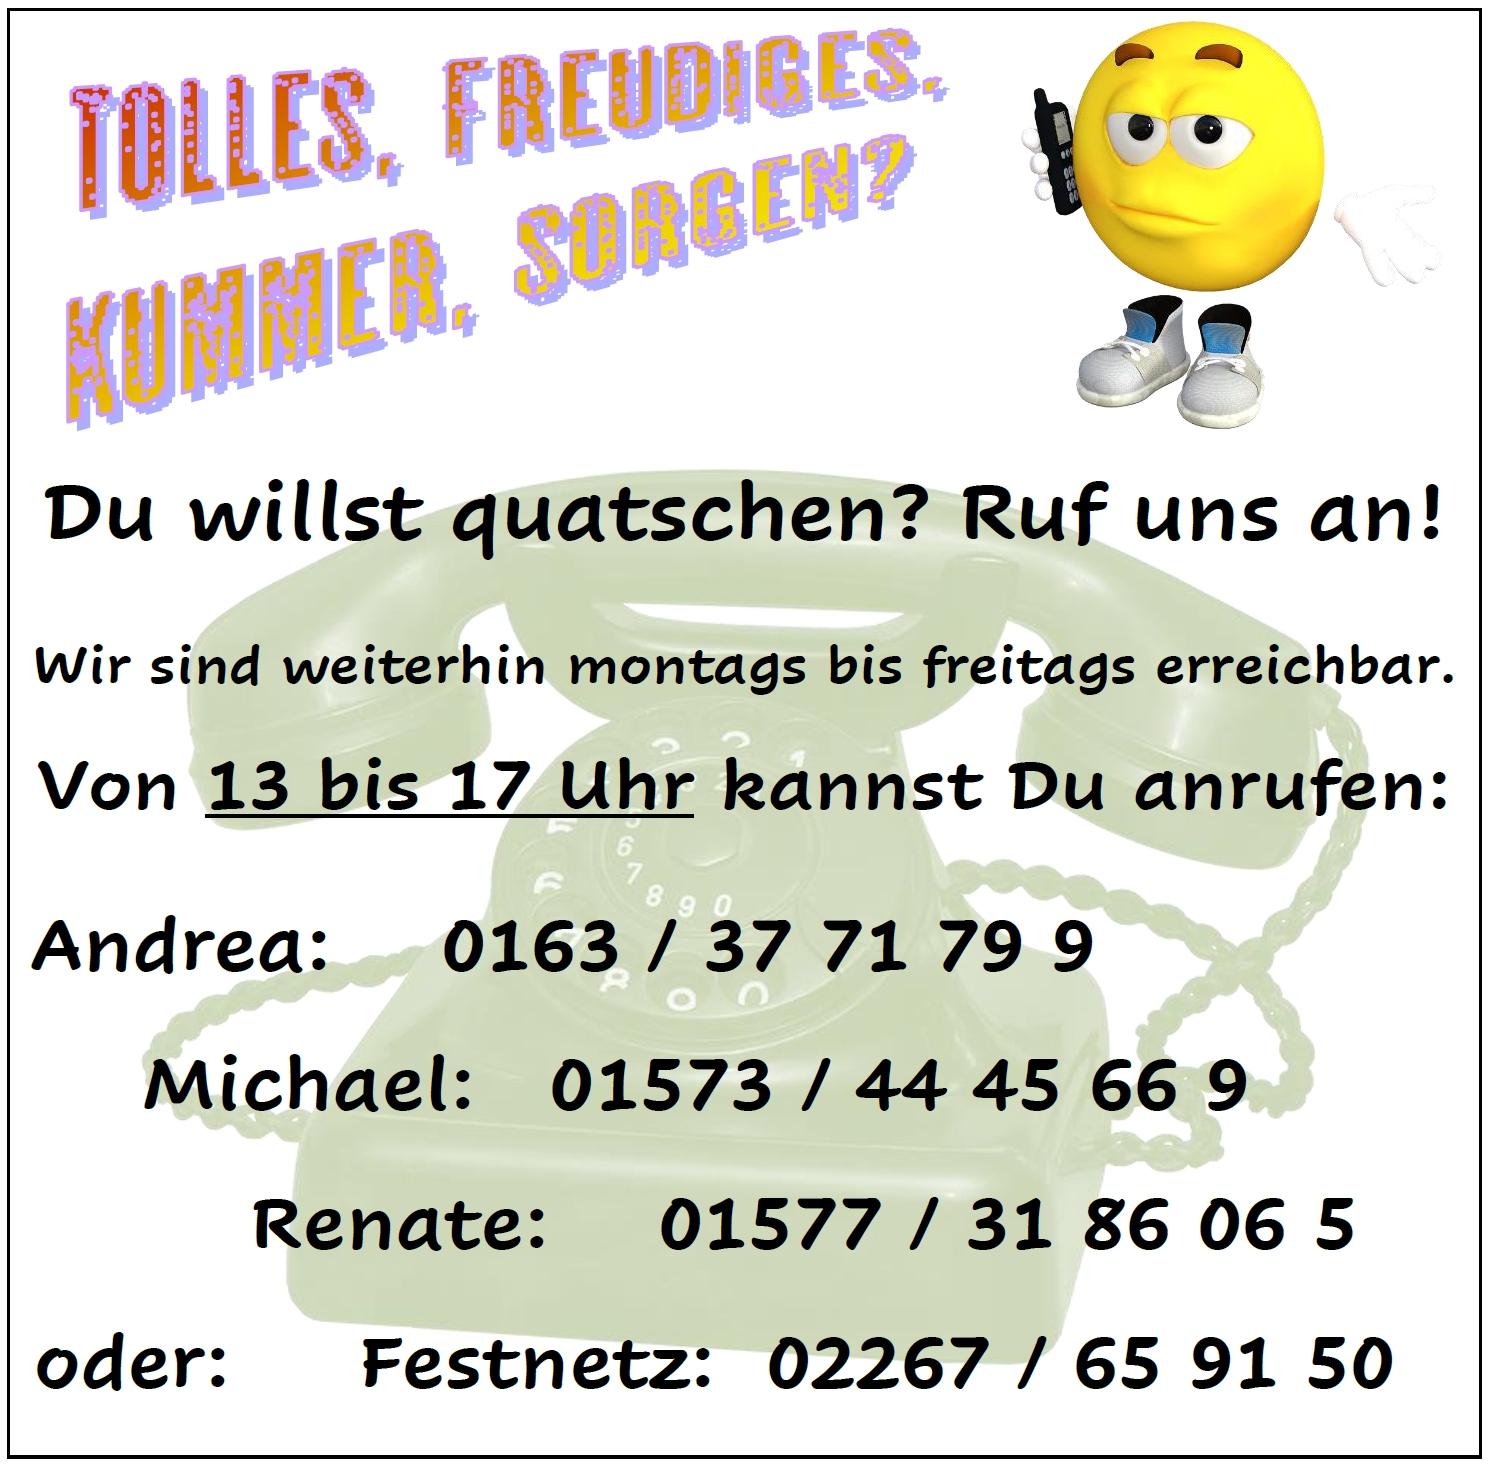 Plakat mit Telefon-Nummern